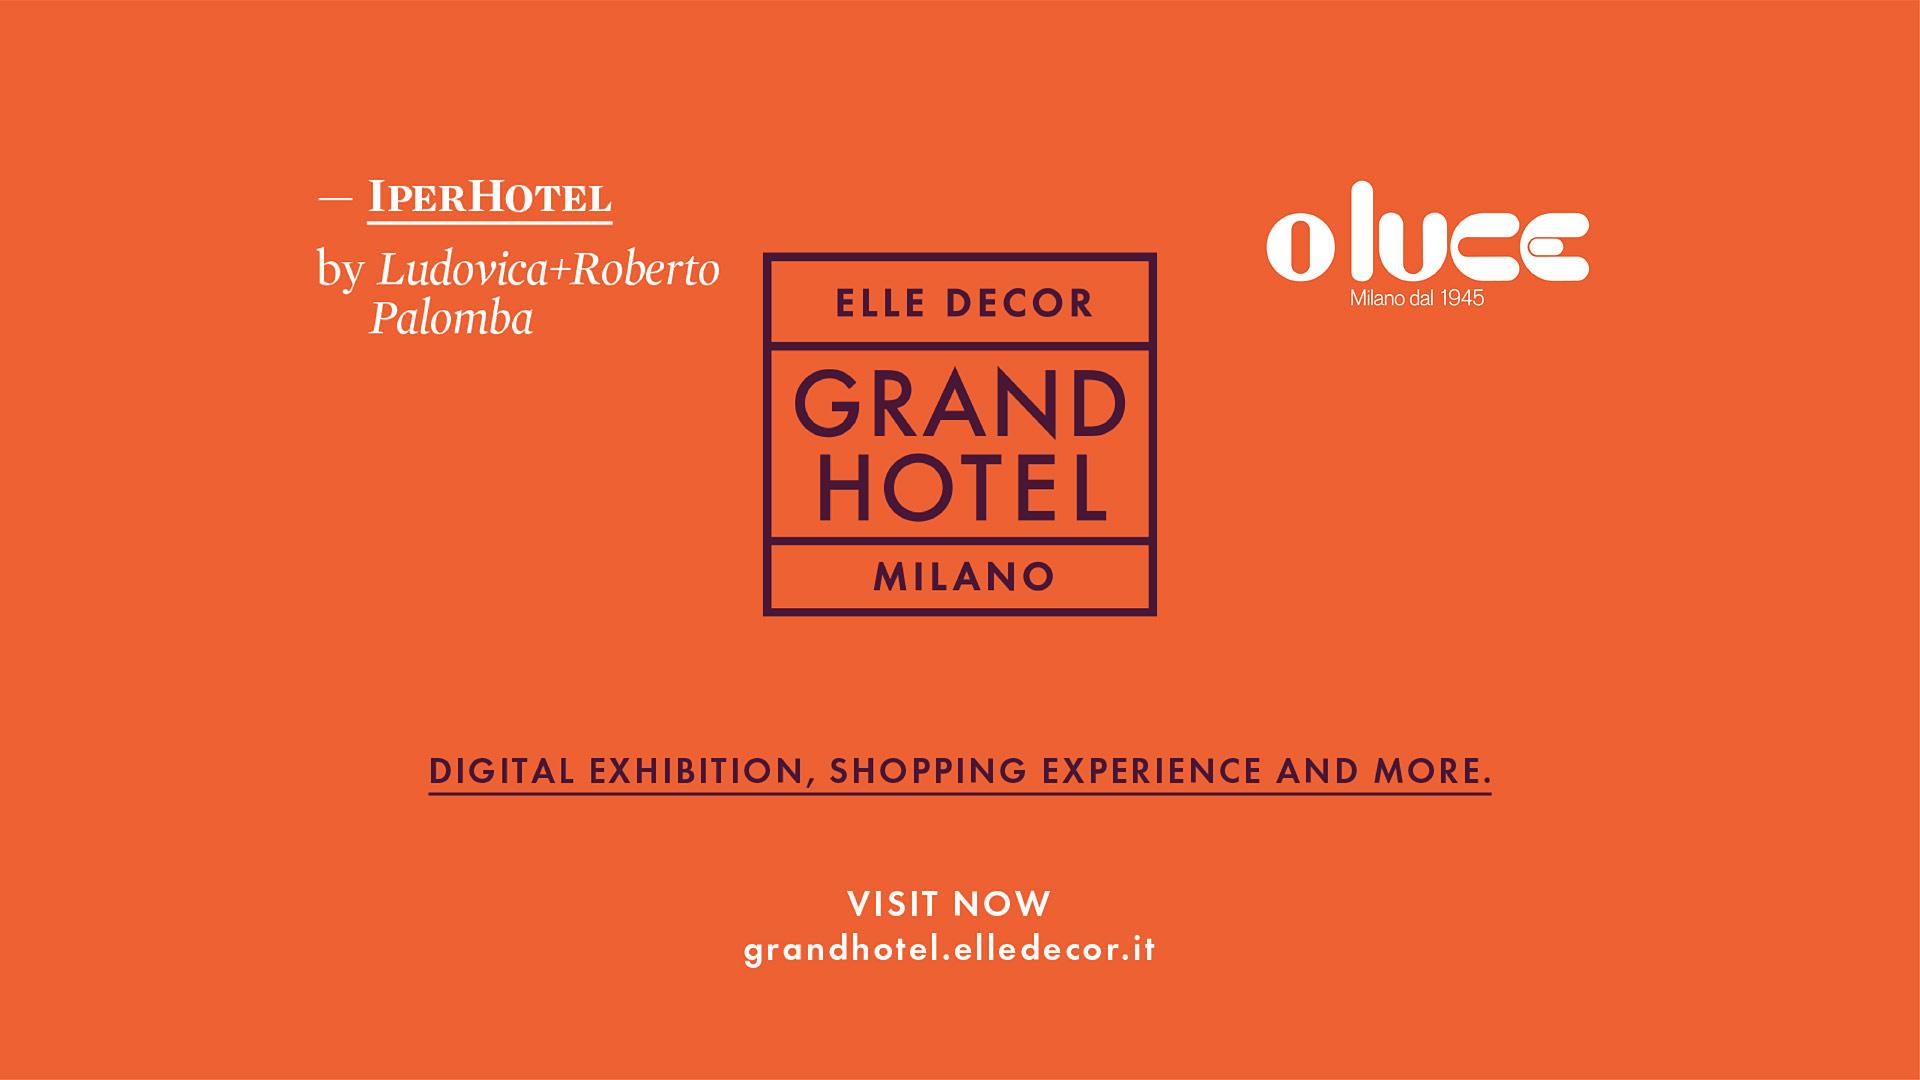 Atollo and Coupè illuminate the Grand Hotel of Elle Decor